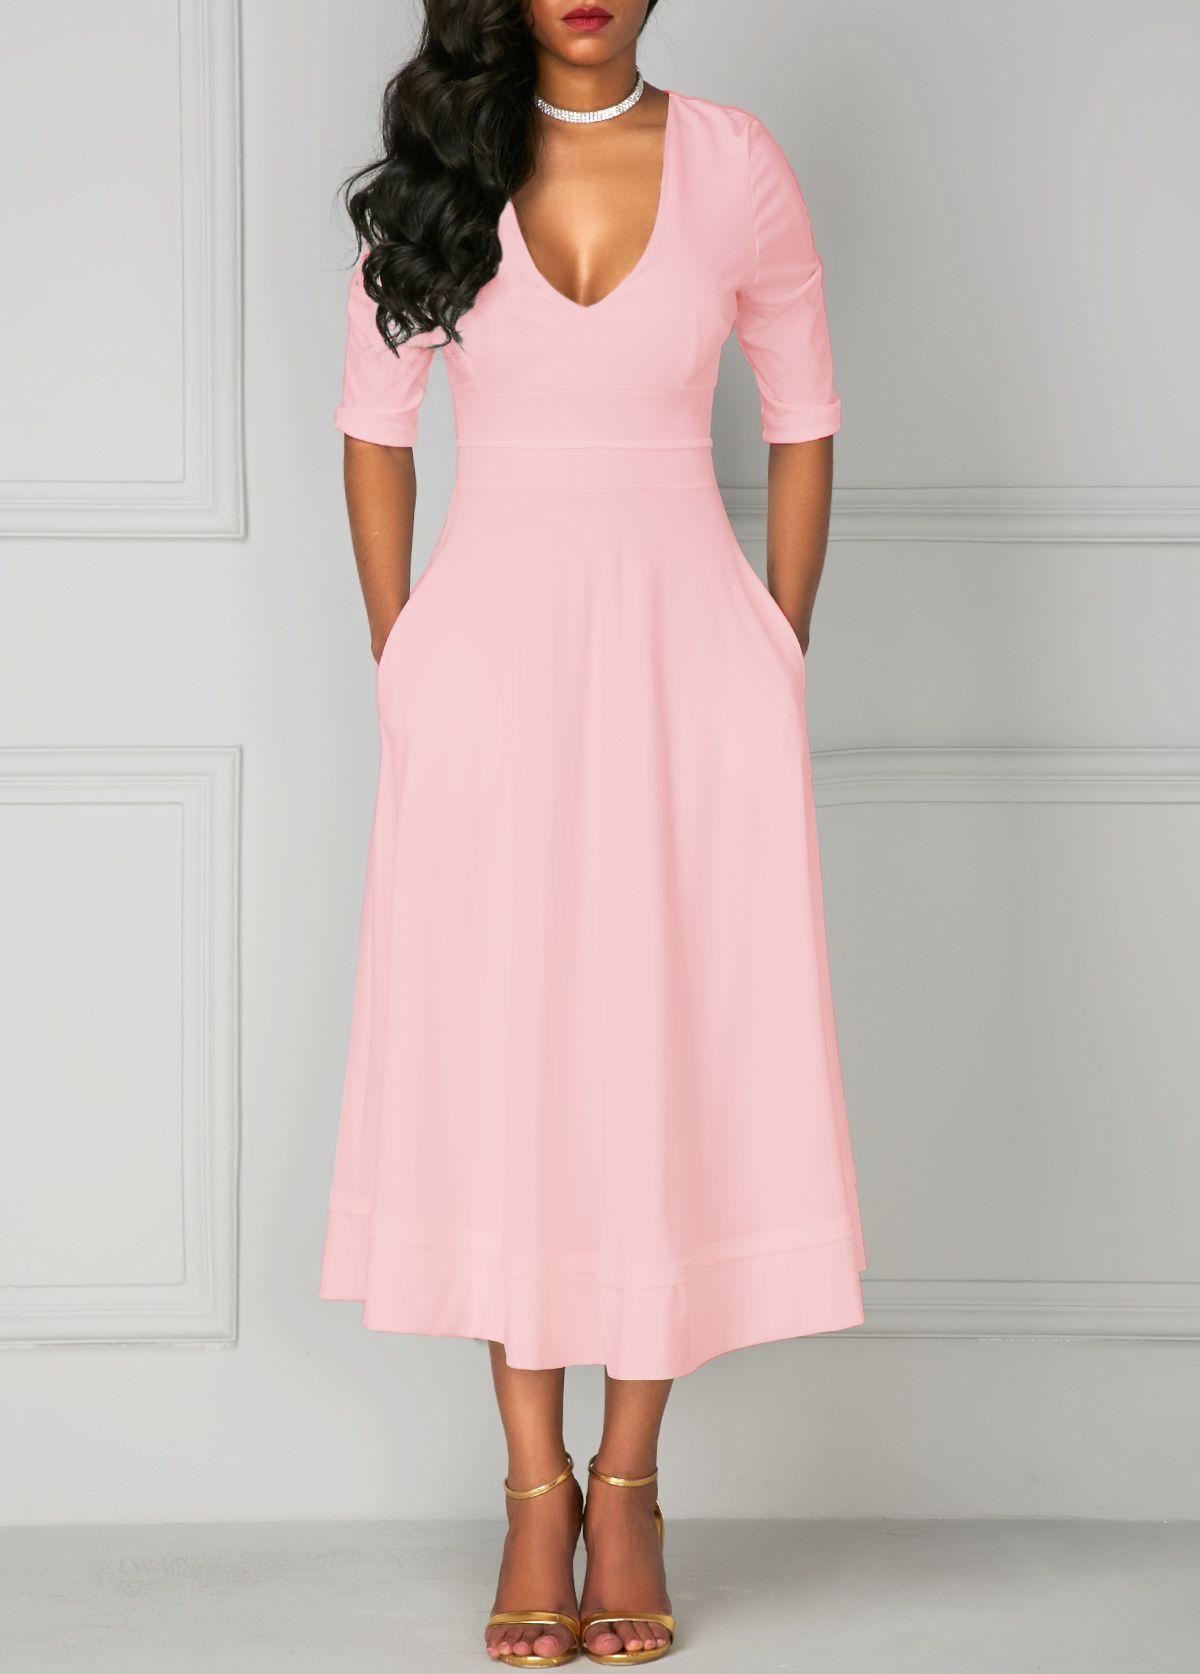 V Neck Solid Pink High Waist Dress | Vestidos de fiesta, Vestiditos ...